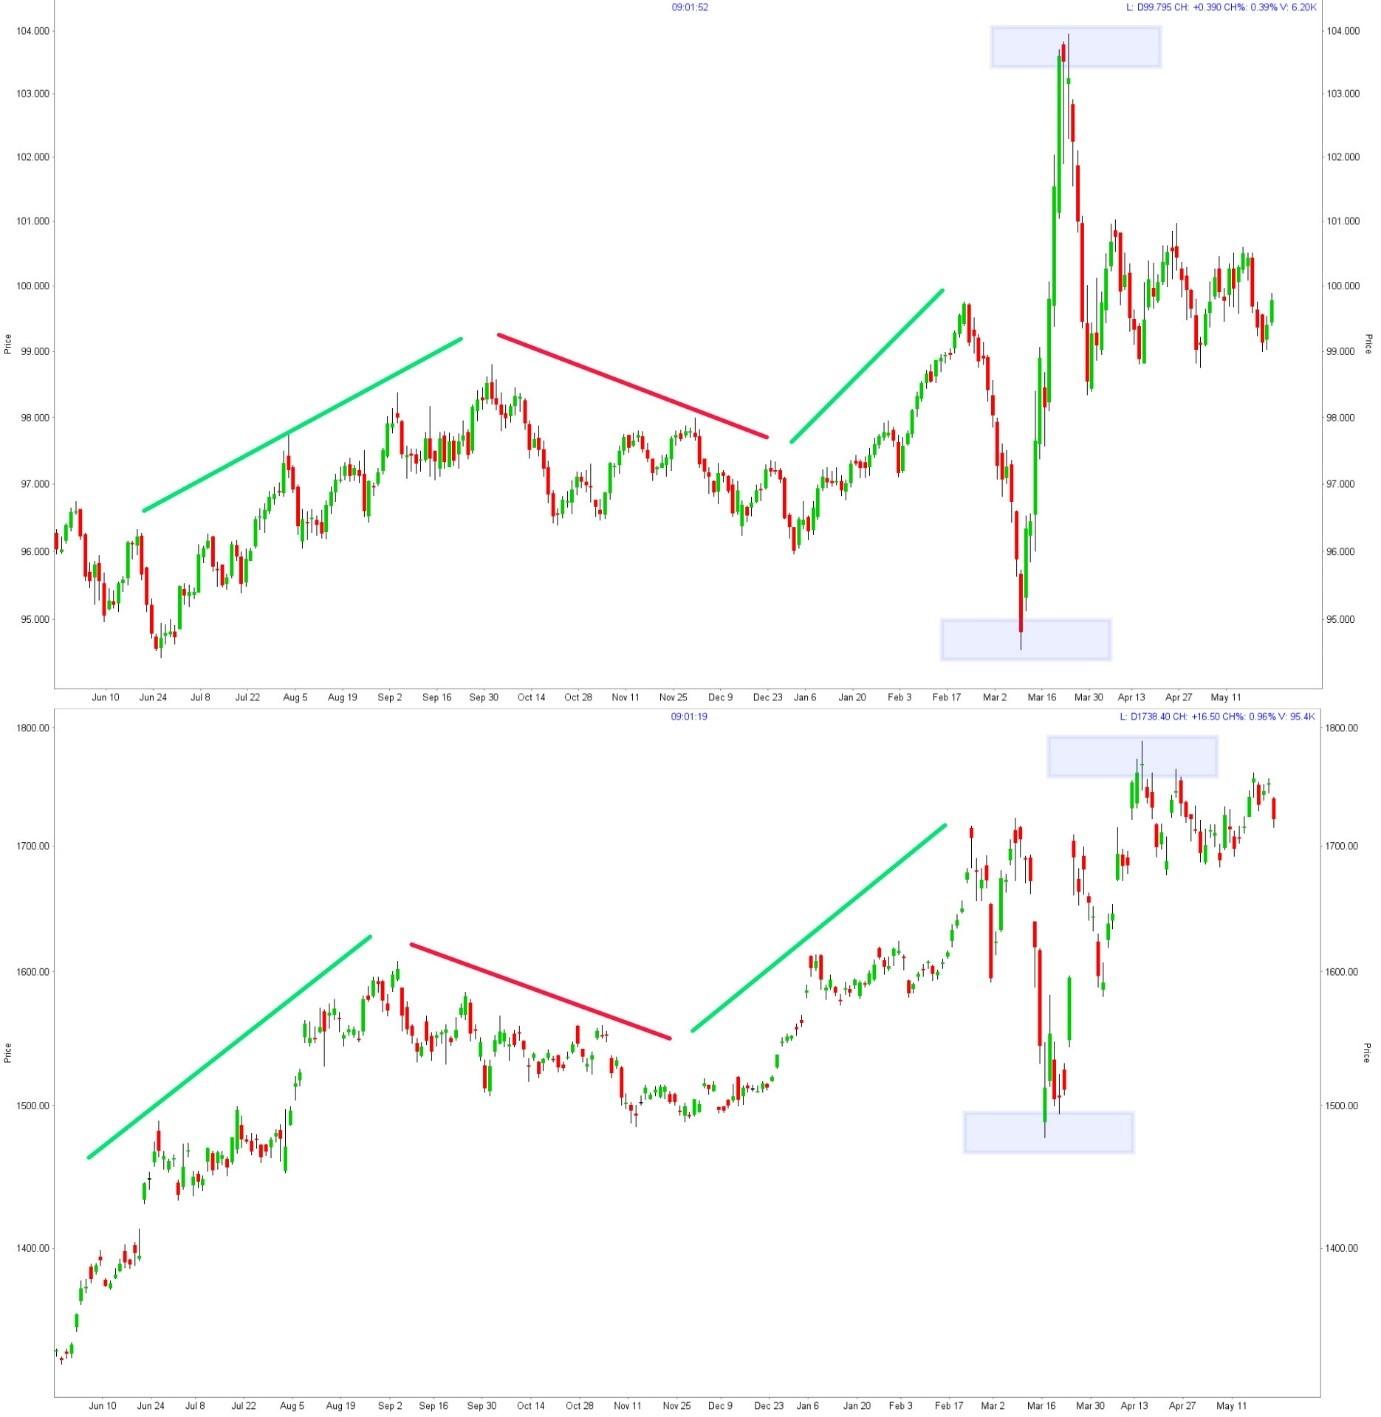 Dollar index future vs. Goud